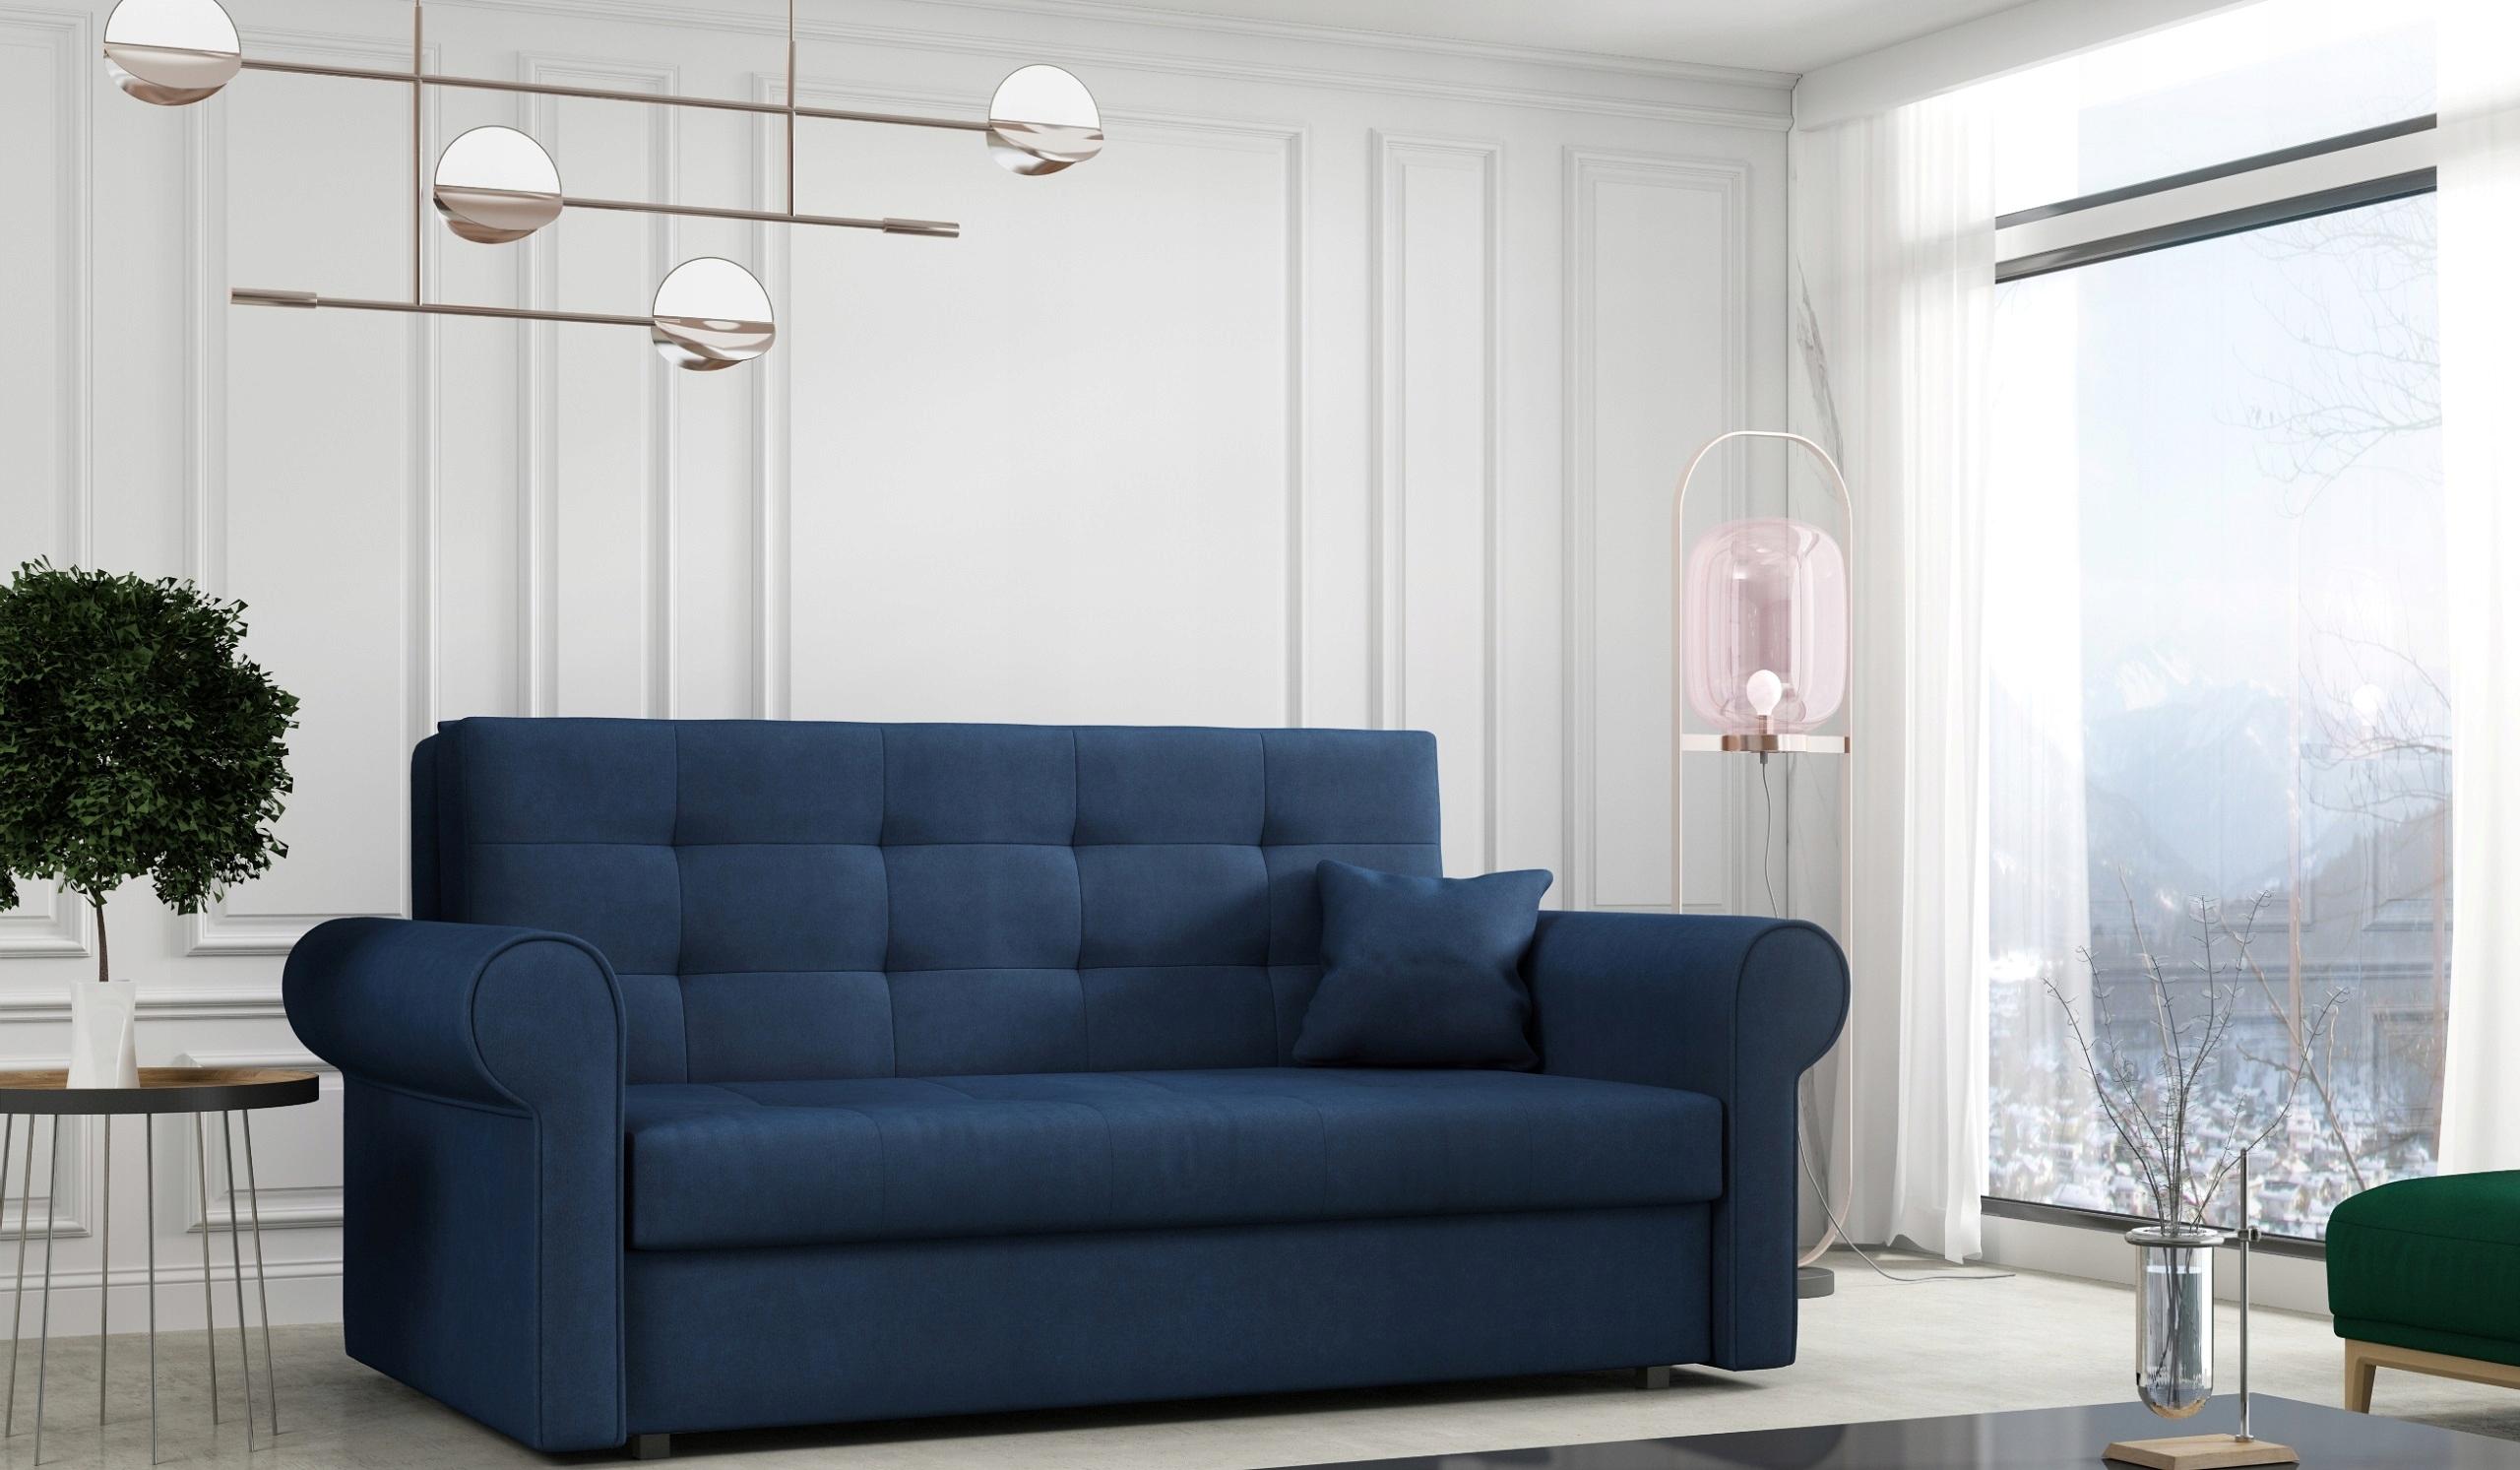 VIVA III SILVER sofa rozkładana pojemnik tapczan